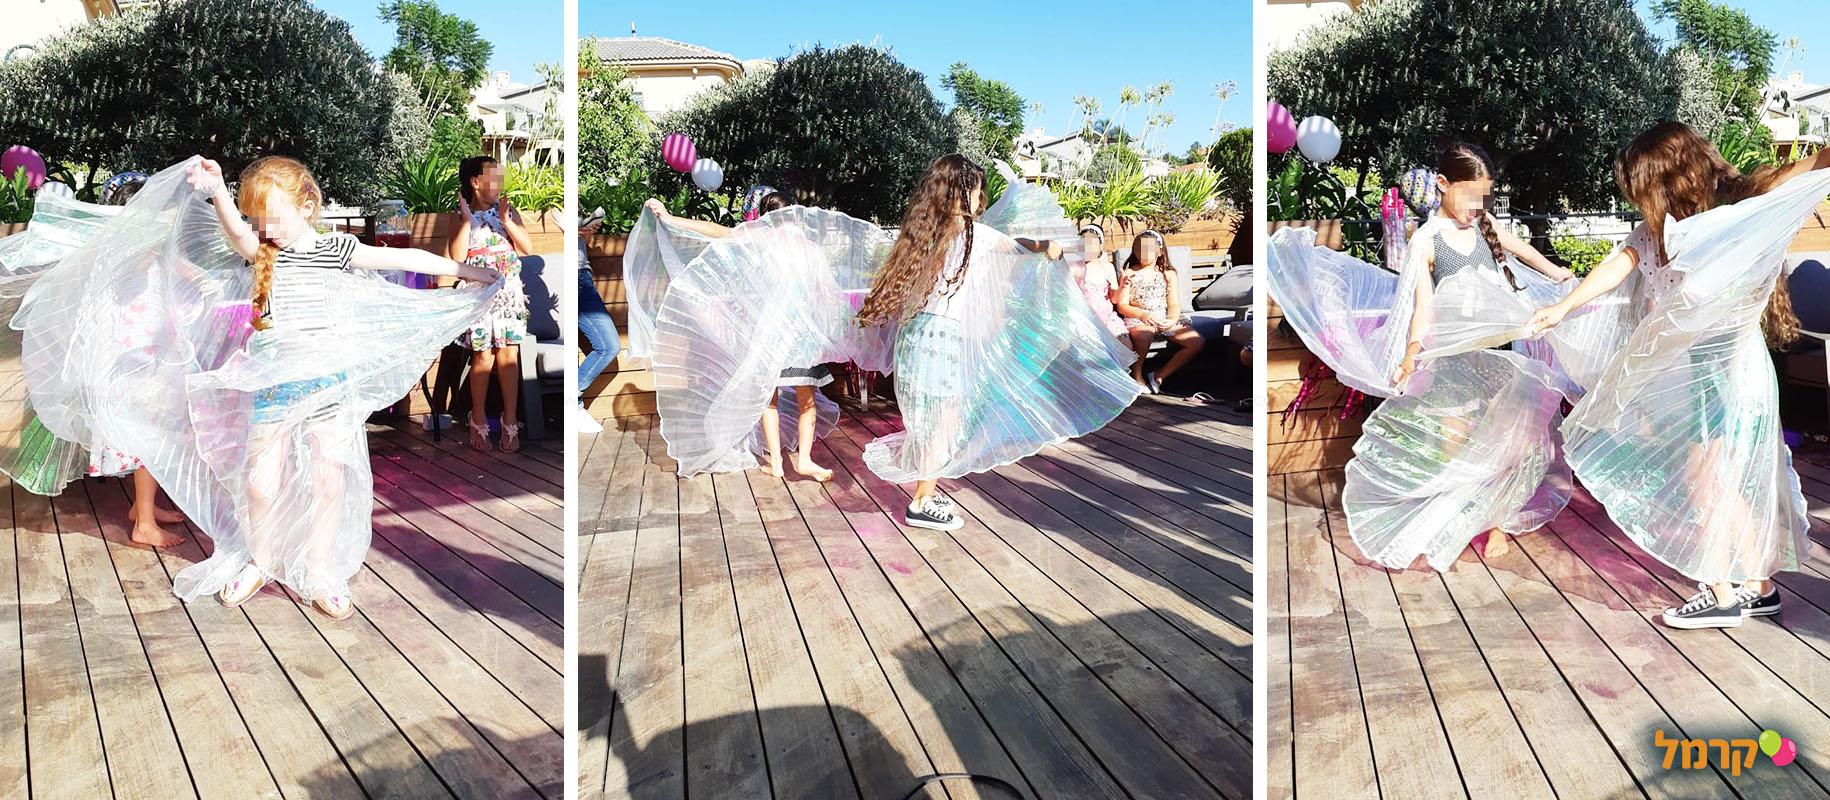 יומולדת של ריקודי בטן ודוגמניות - 073-7597062